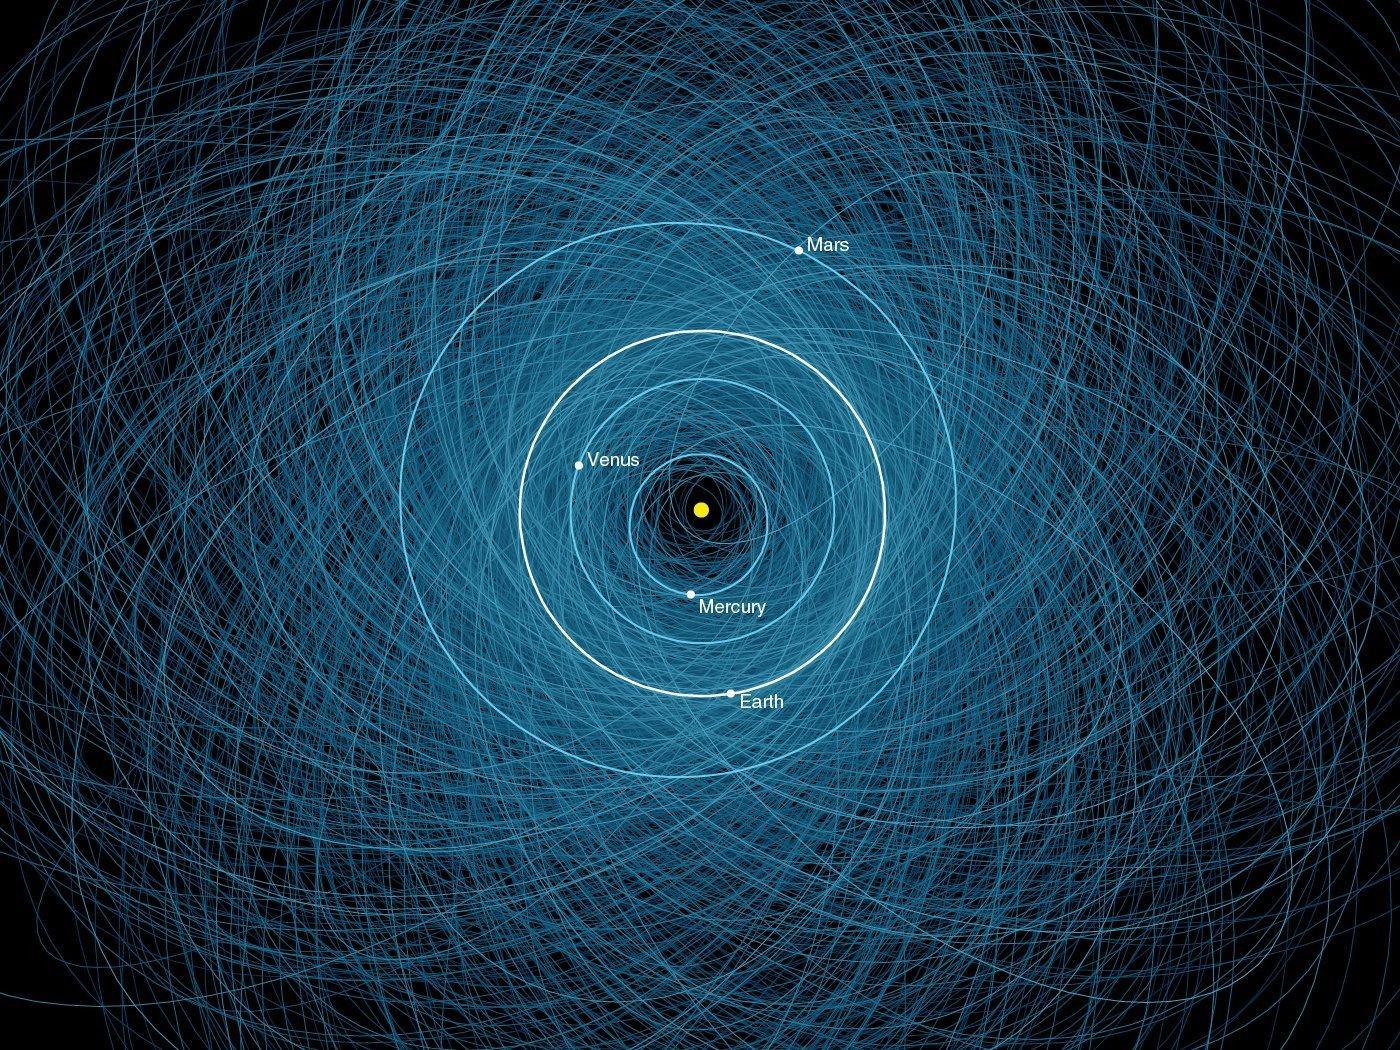 Bild von potenziellen gefährlich-nahen Asteroiden.